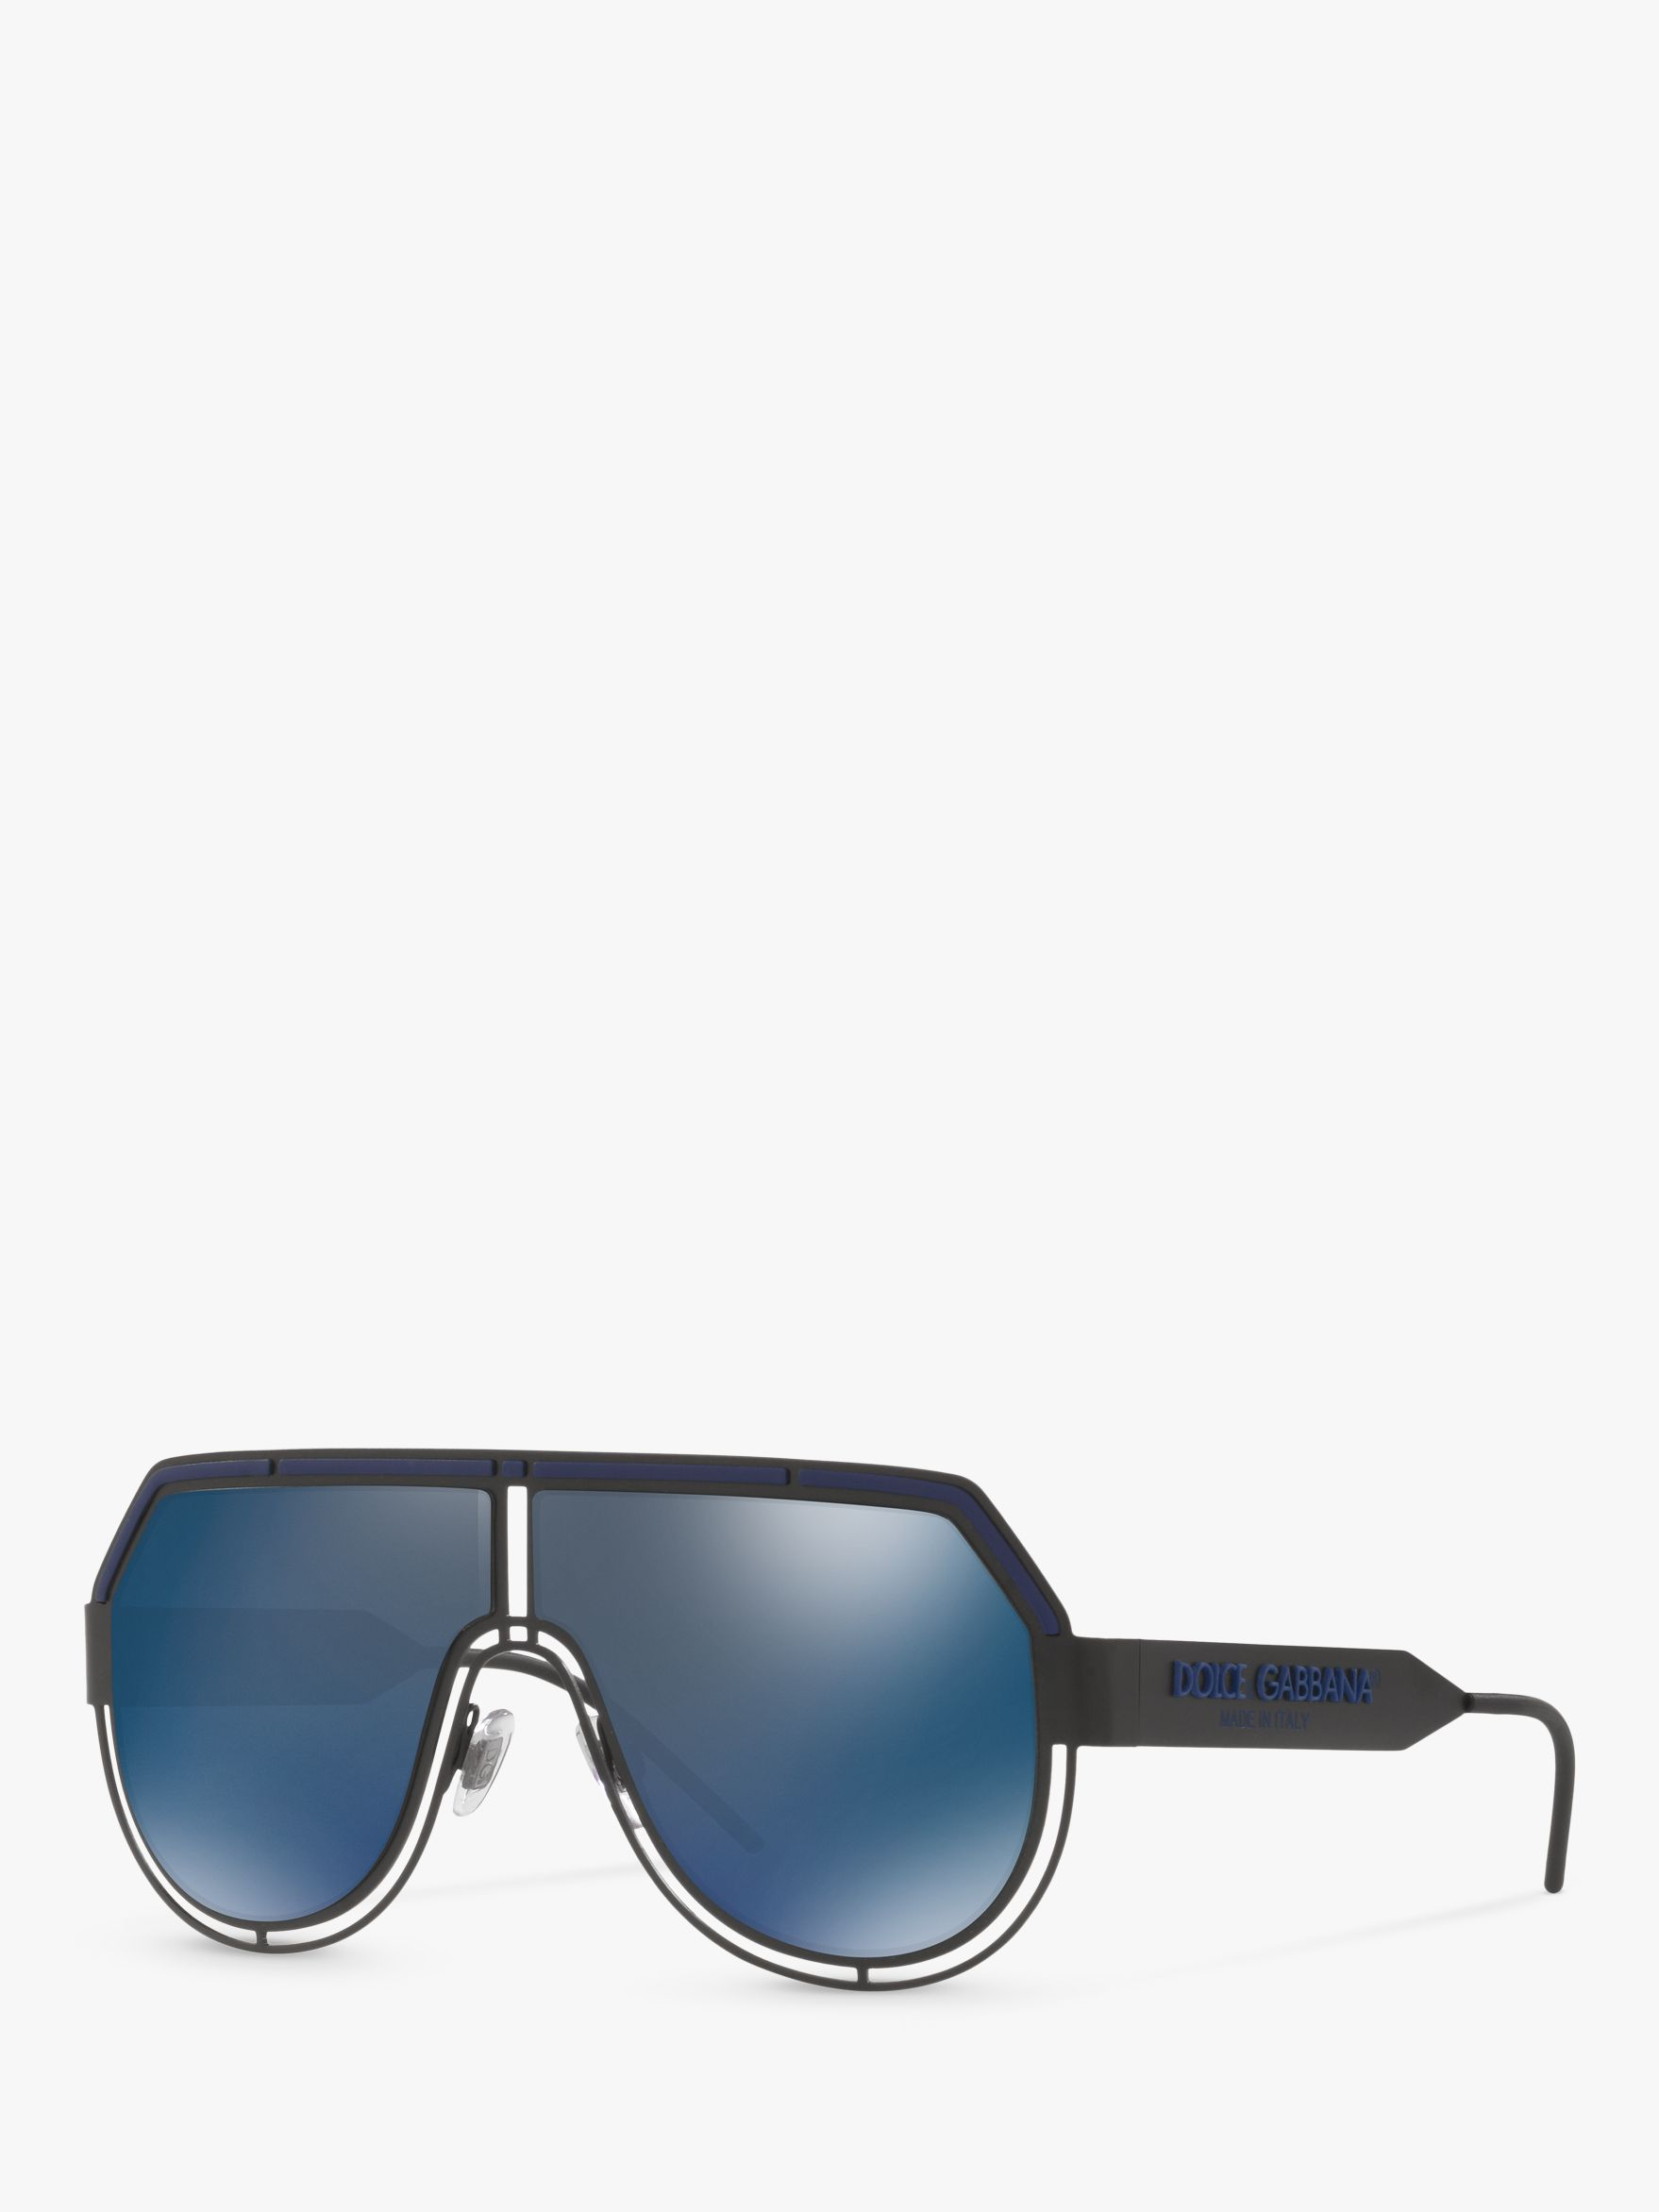 Dolce & Gabbana Dolce & Gabbana DG2231 Men's Mask Sunglasses